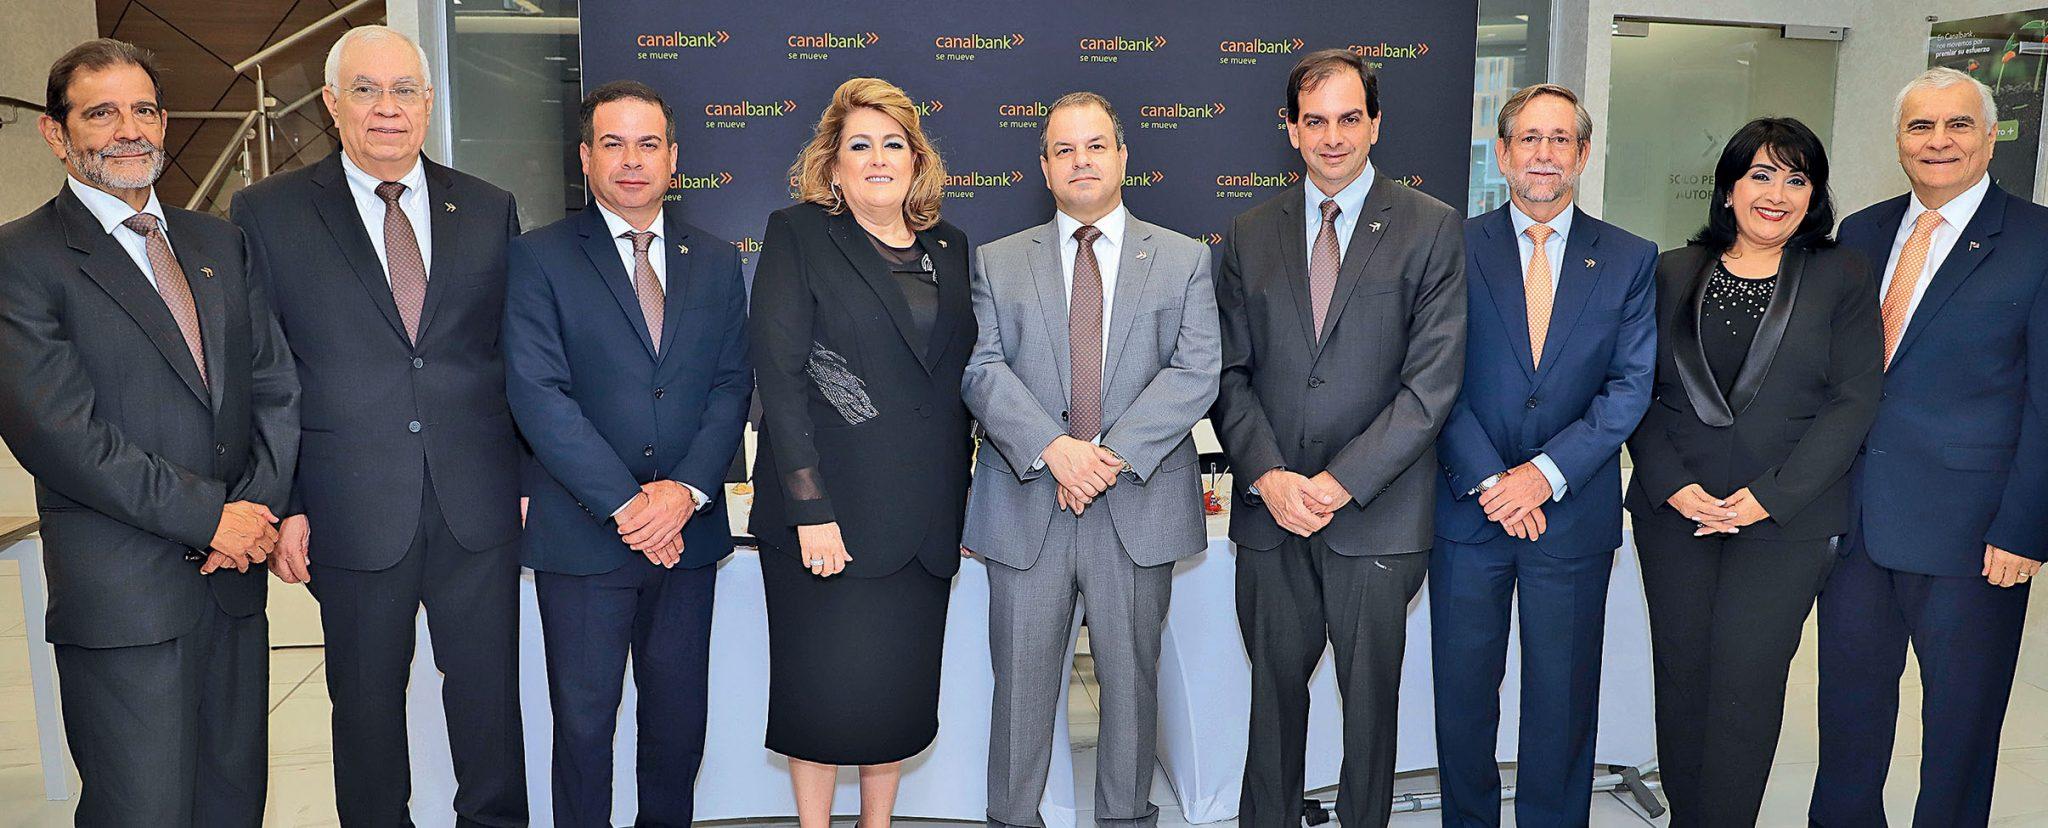 EMPRESARIALES EVENTOS  | Canal Bank inaugura nueva sucursal en Costa del Este